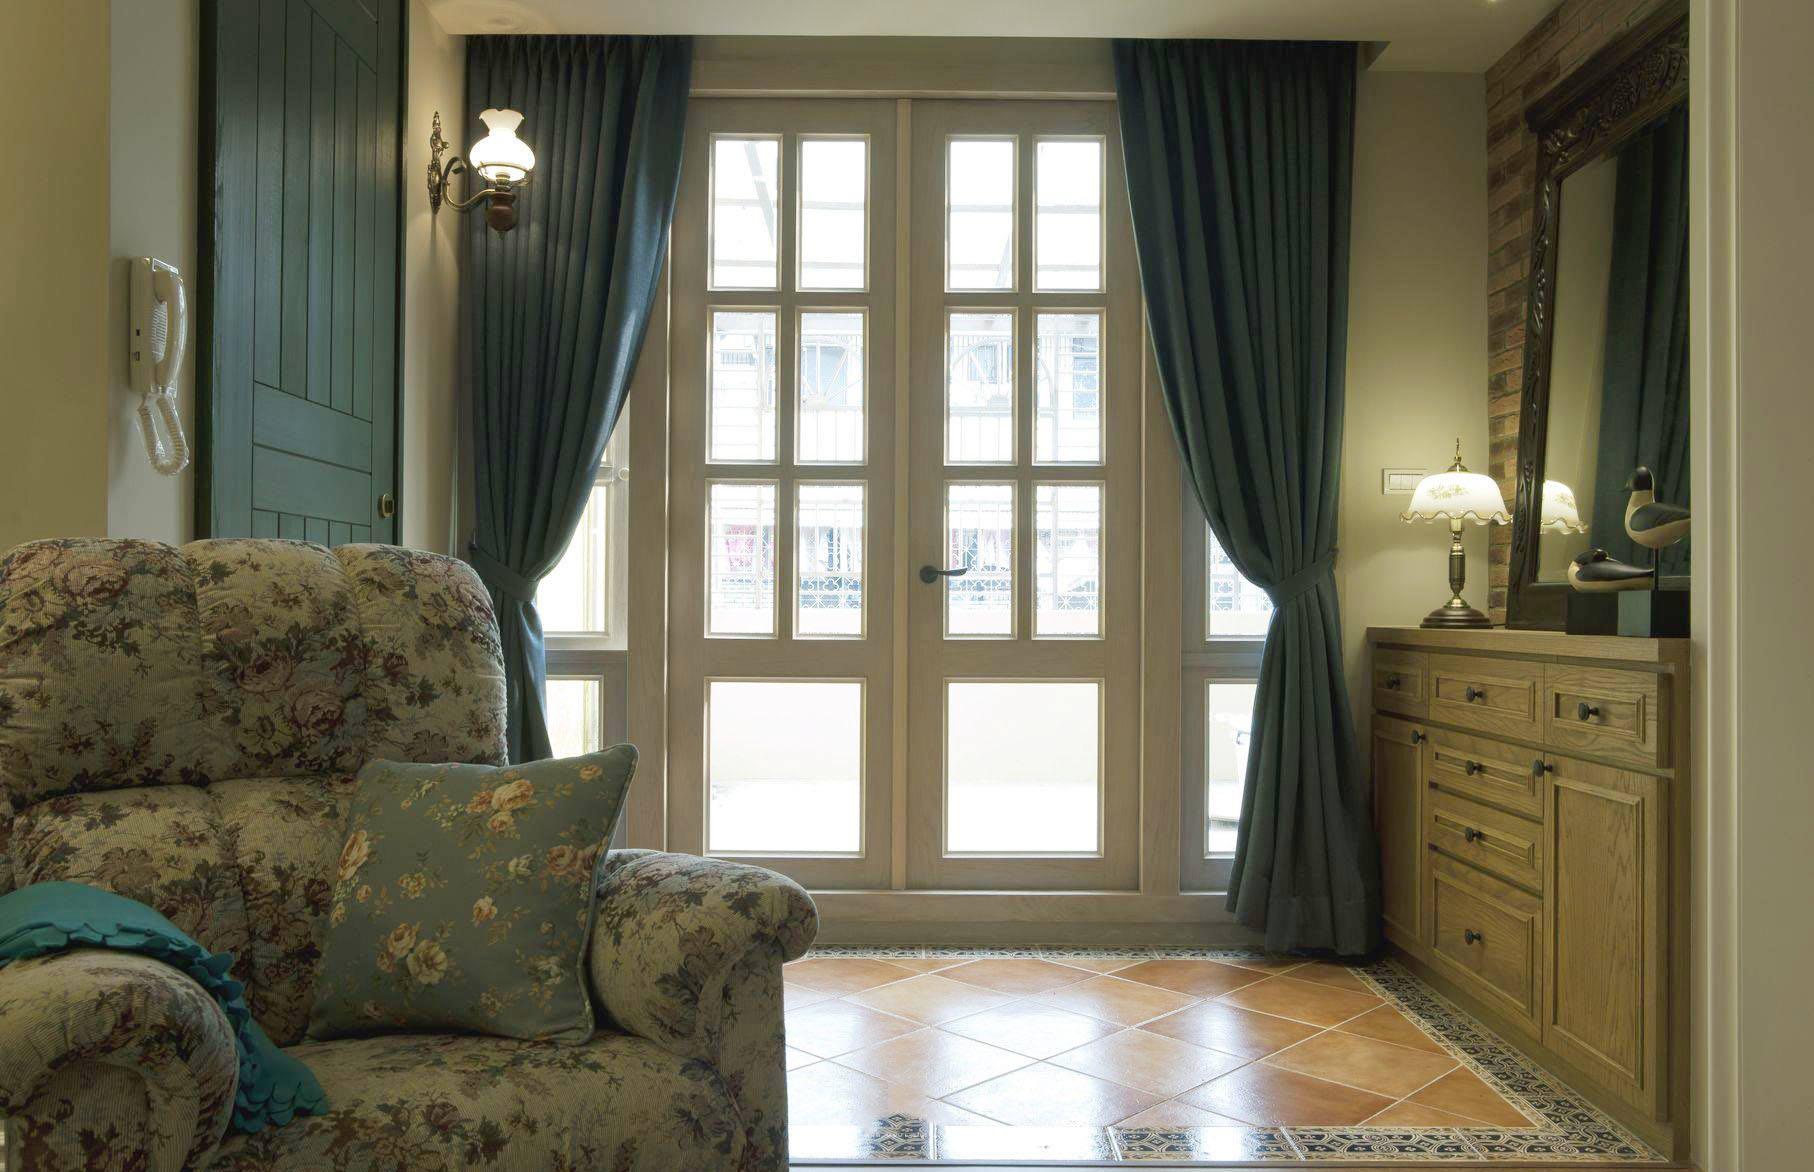 韩式简约田园风客厅蓝色窗帘效果图